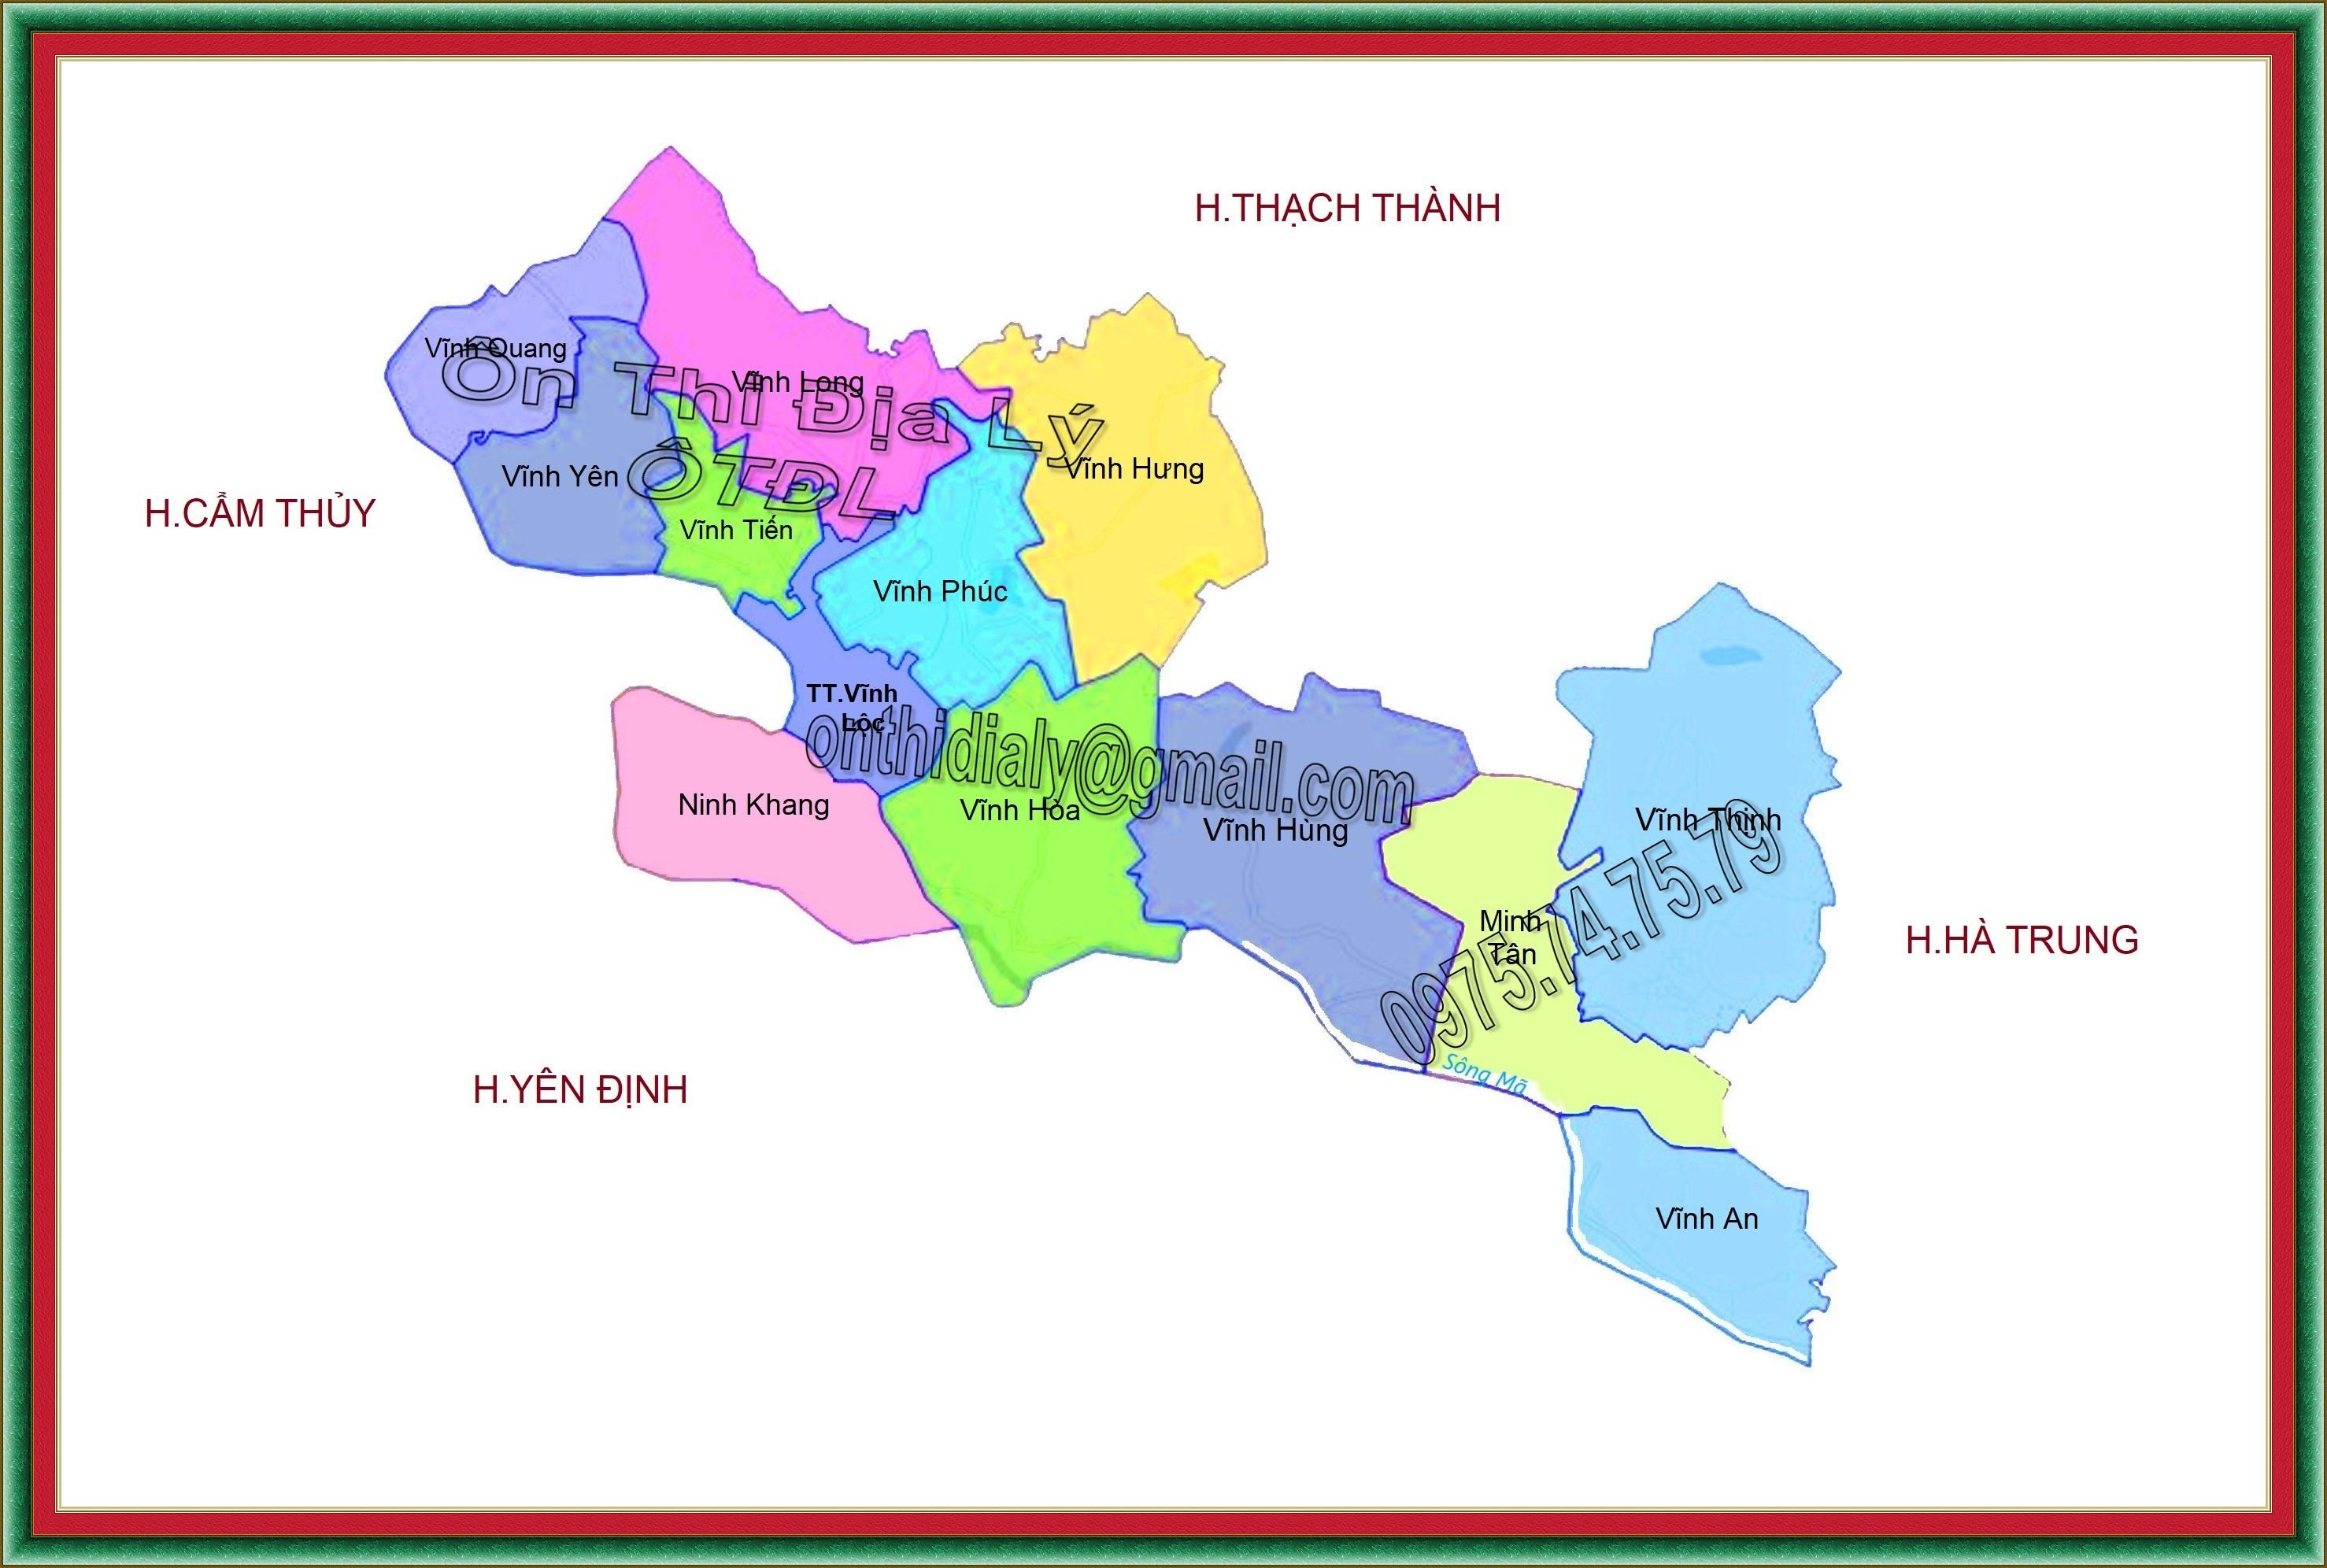 Bản đồ huyện Vĩnh Lộc, tỉnh Thanh Hóa